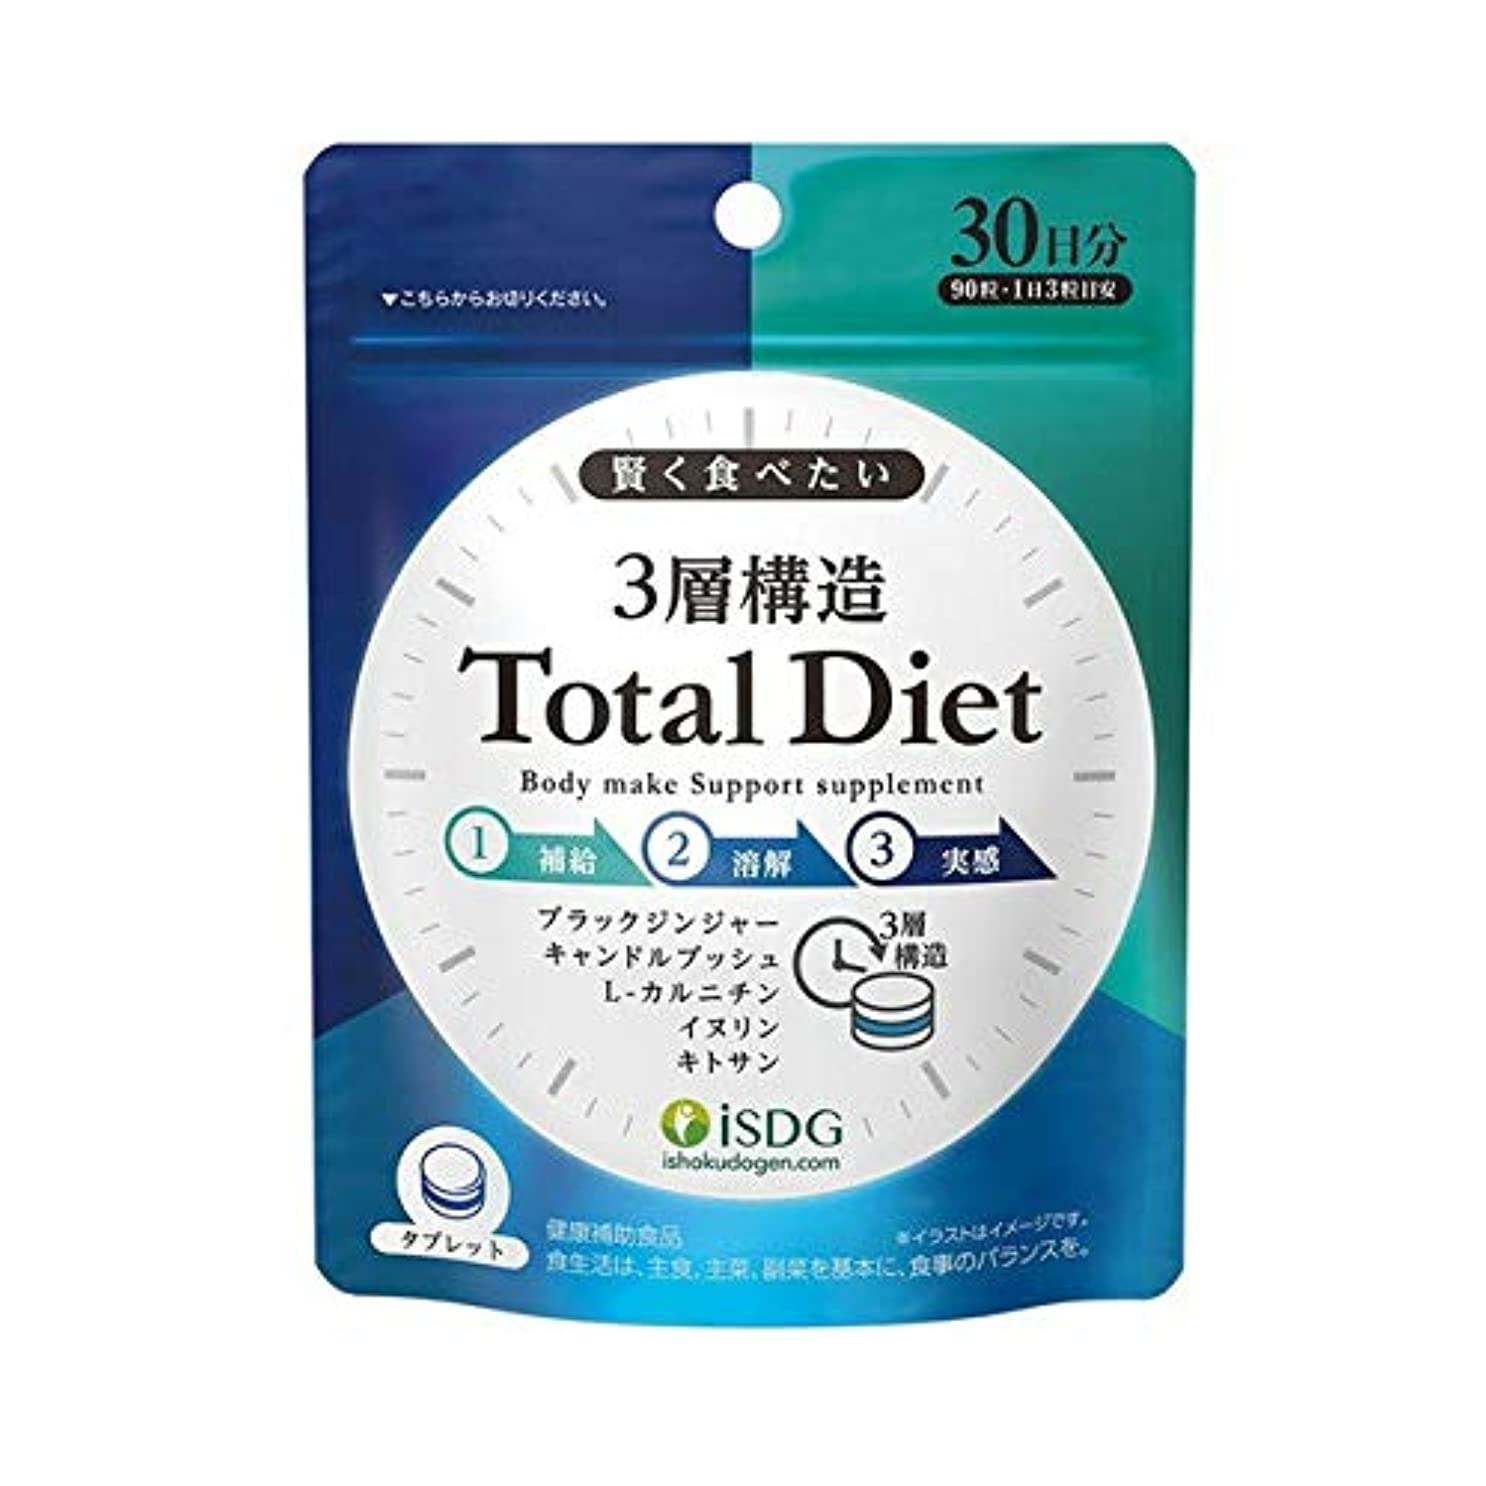 居心地の良いなだめる好奇心医食同源ドットコム ISDG 3層構造 Total Diet 90粒入 トータル ダイエット×5個セット